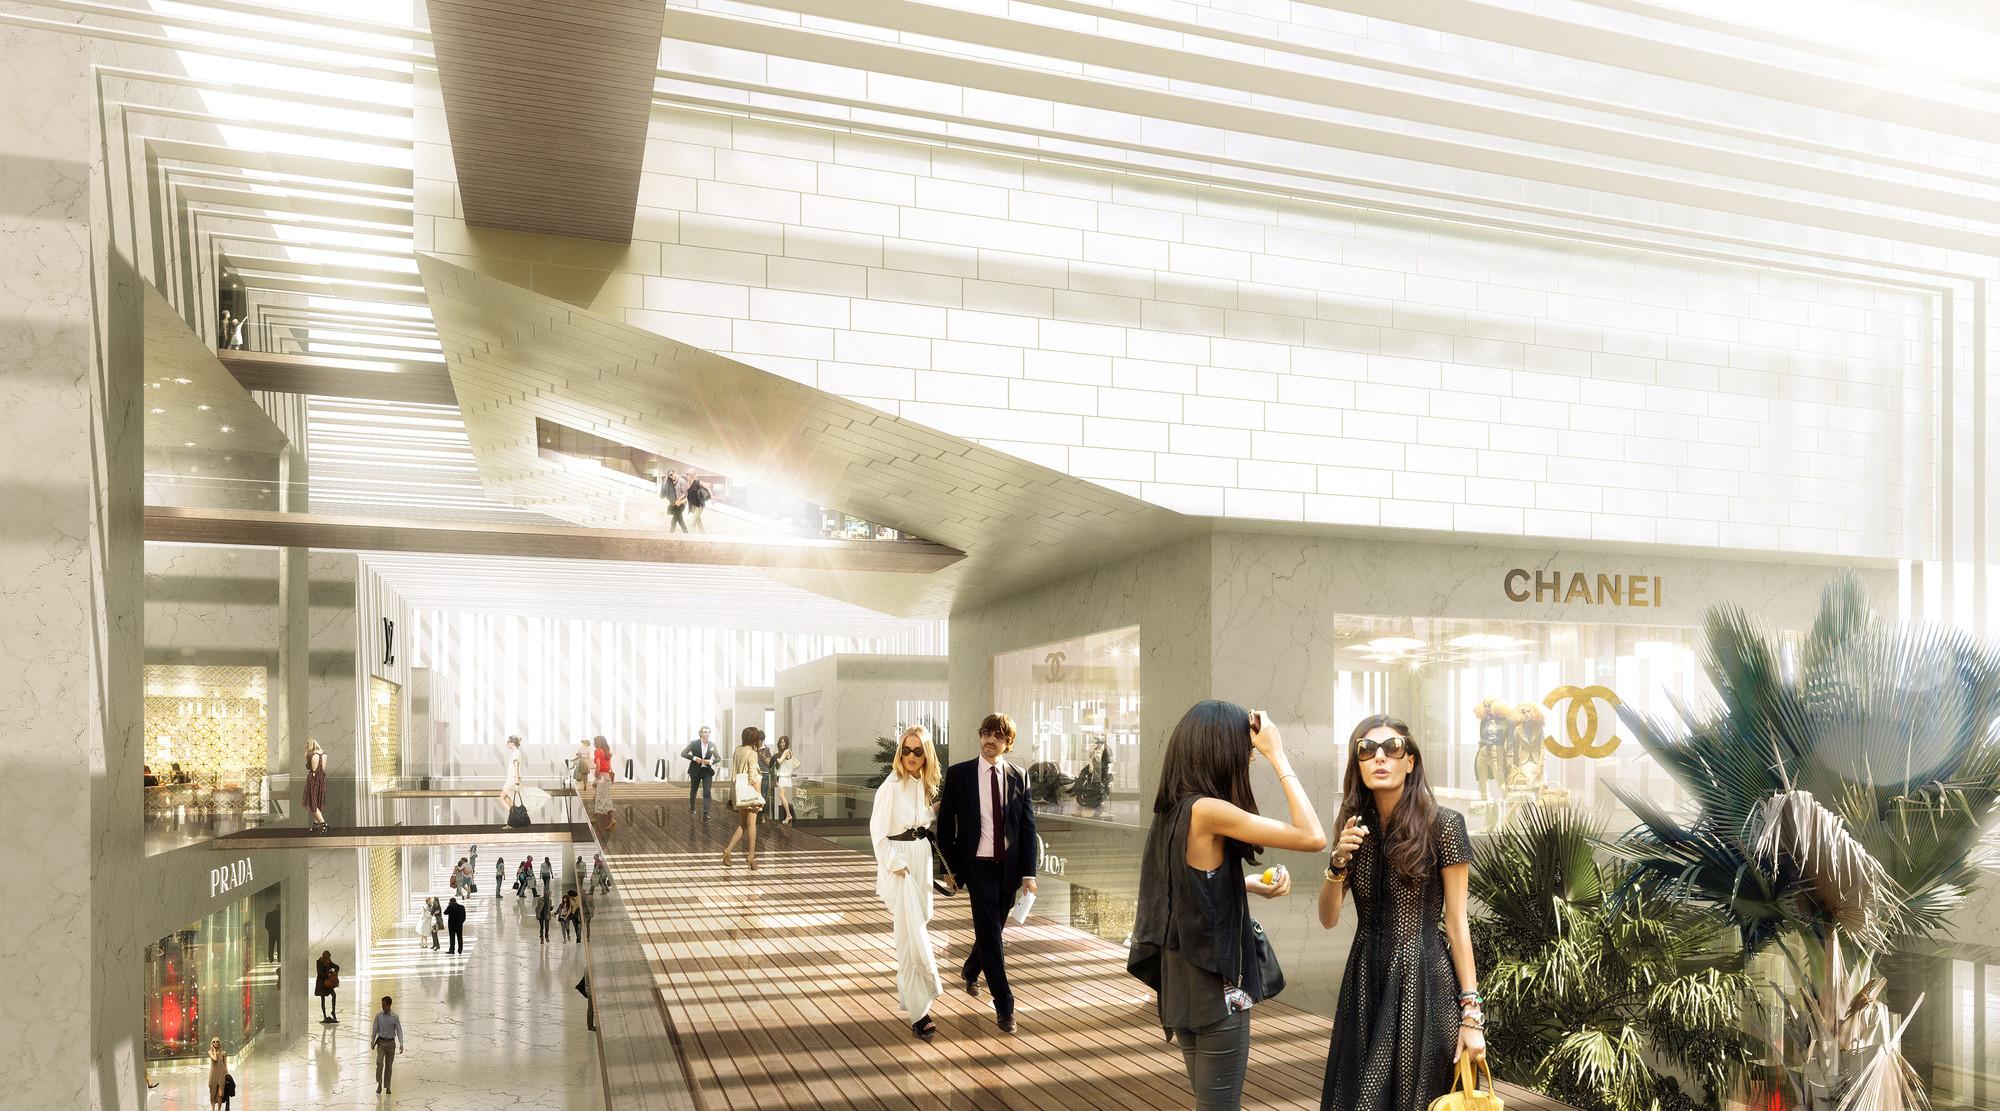 Centro comercial interior. Imágen © Luxigon